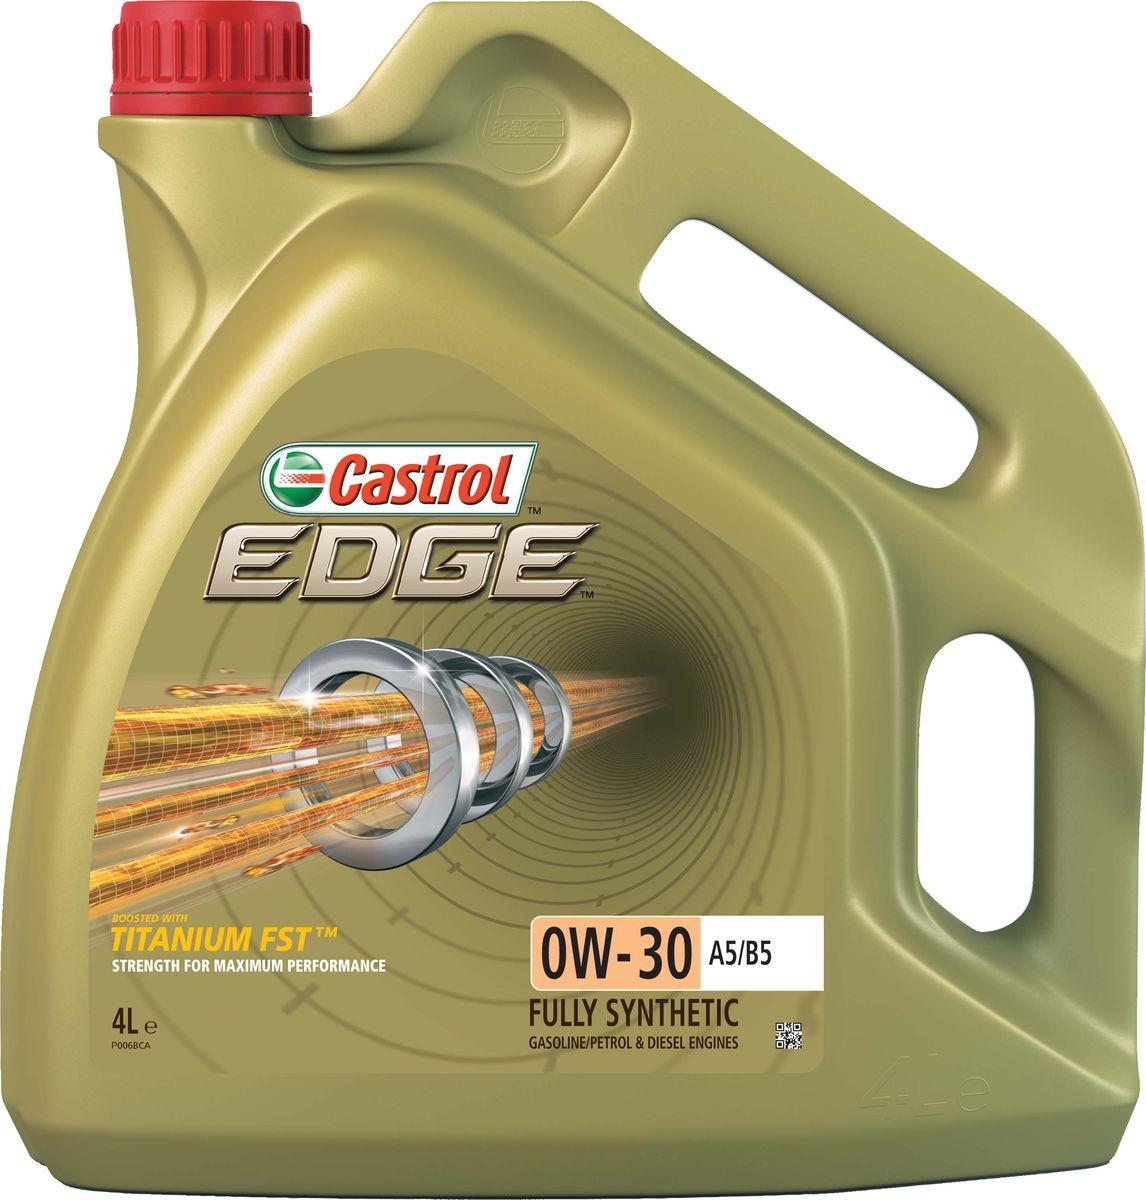 """Масло моторное Castrol """"Edge"""", синтетическое, класс вязкости 0W-30, А5/В5, 4 л. 156E3F"""